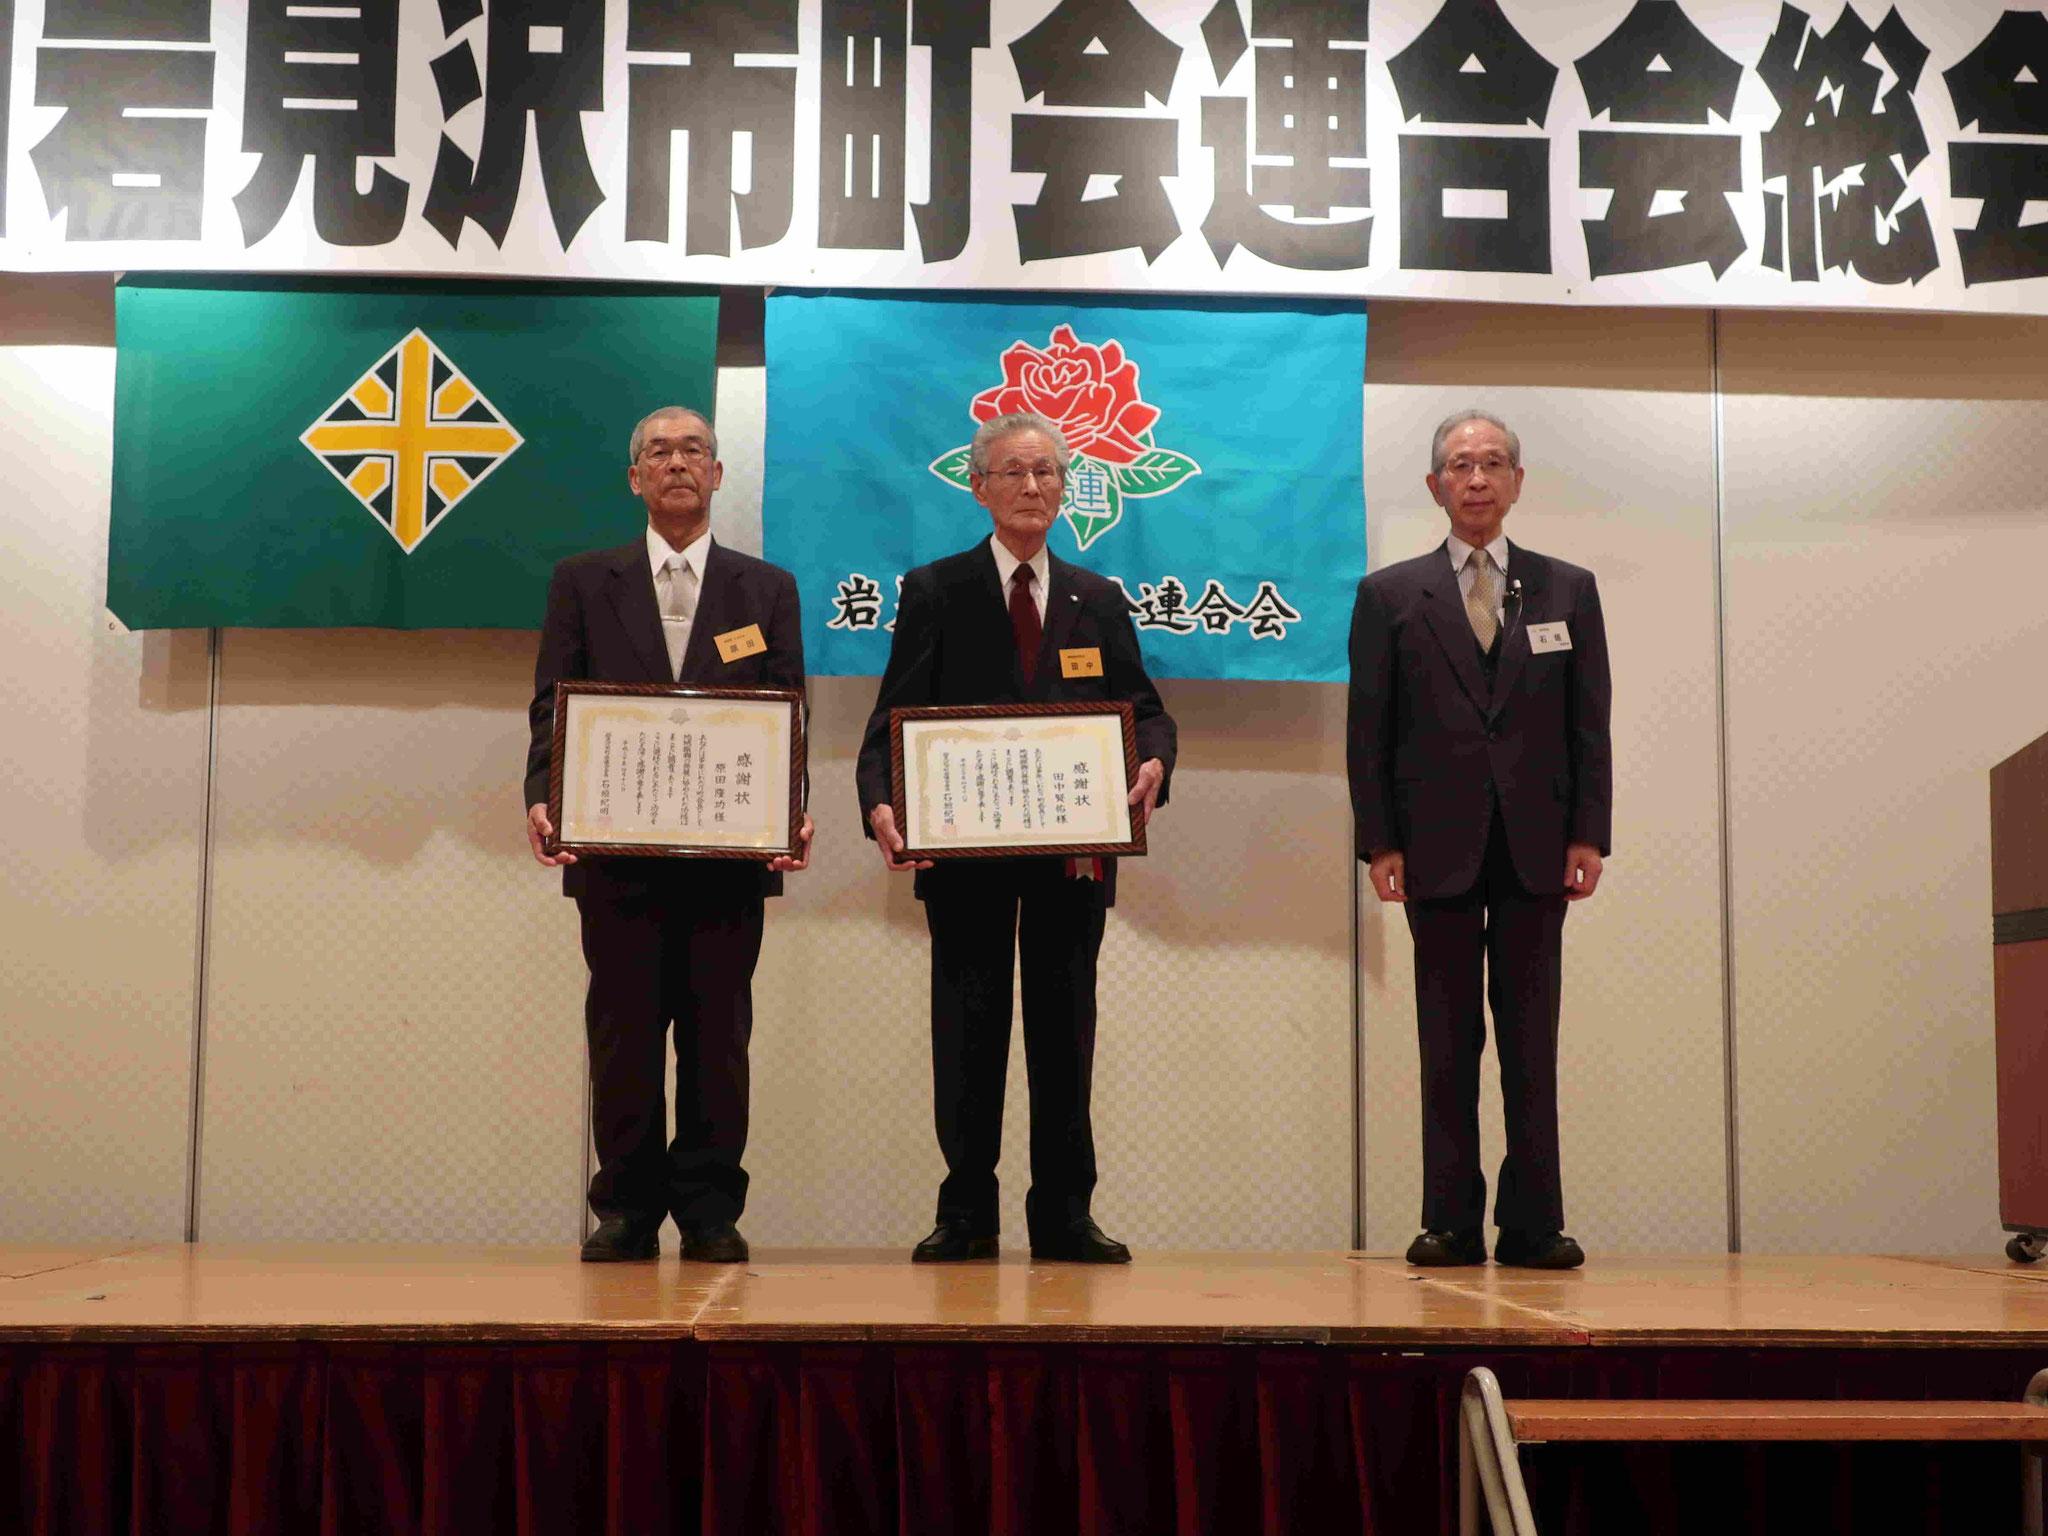 表彰者(左から)原田氏、田中氏